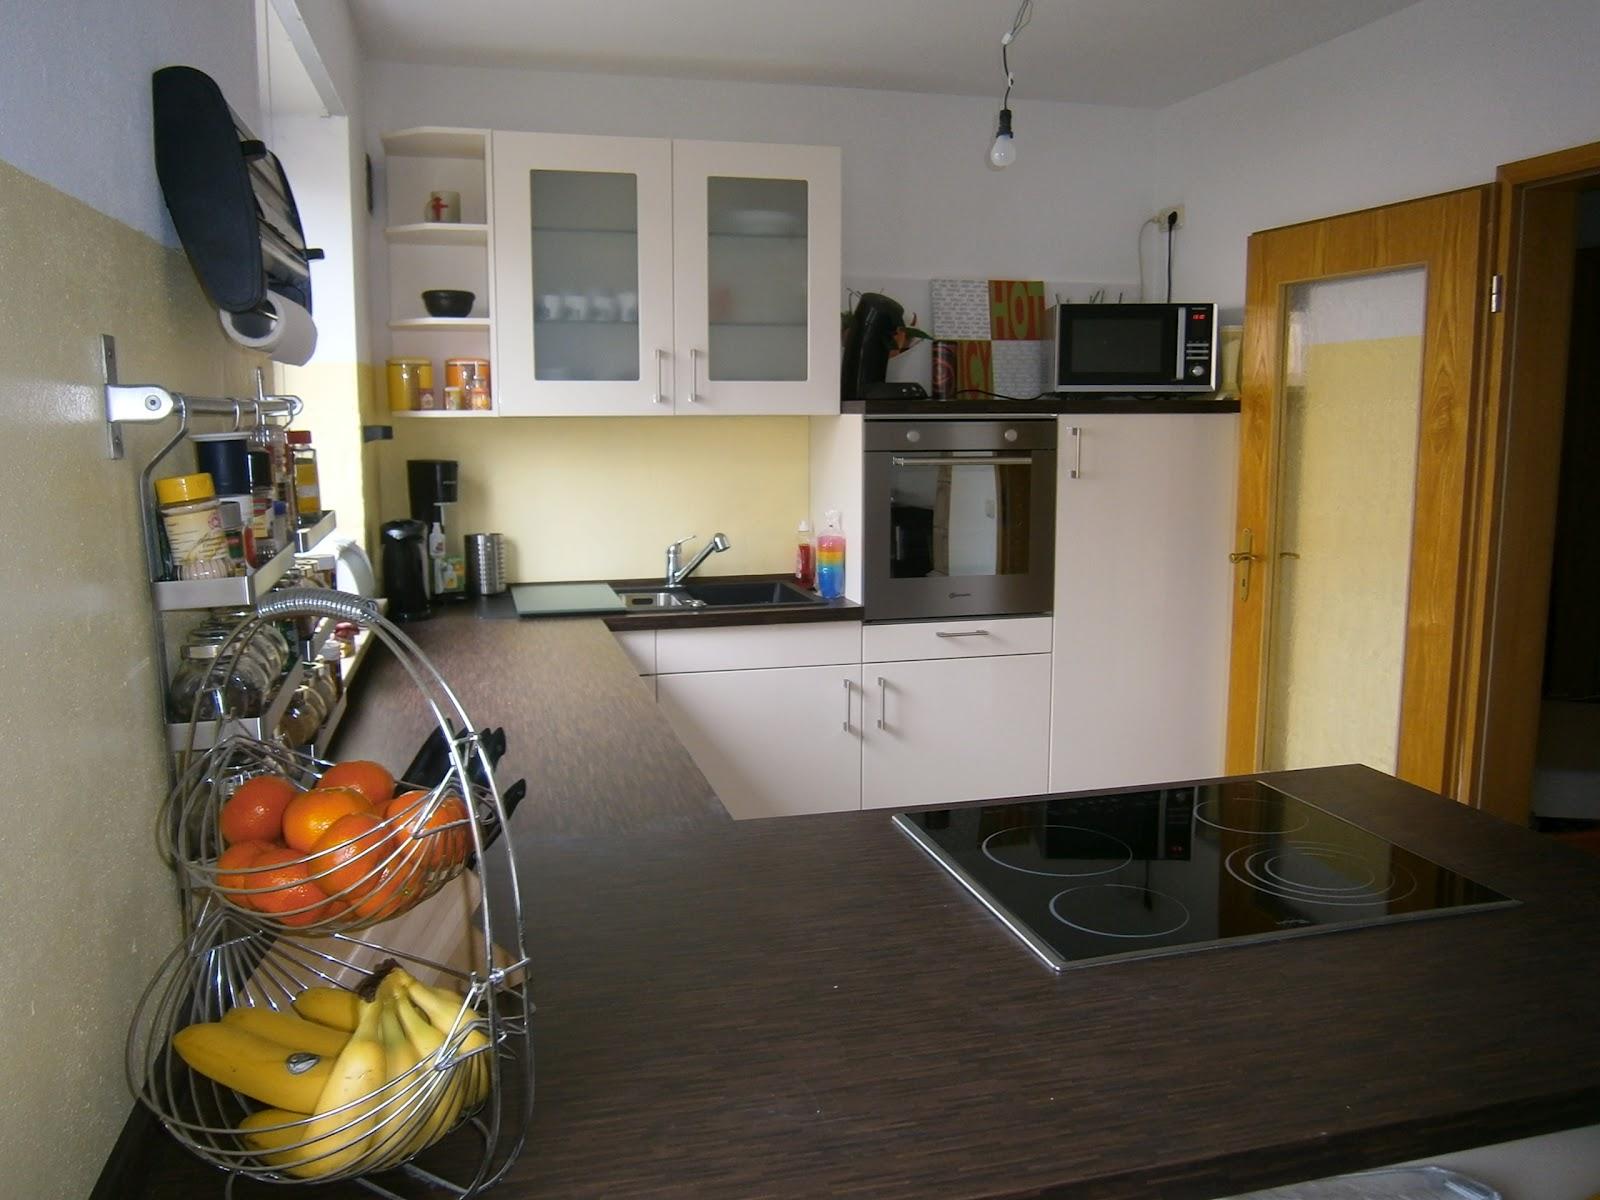 lecker und leidfrei durch 39 s leben meine k che ist eingezogen. Black Bedroom Furniture Sets. Home Design Ideas